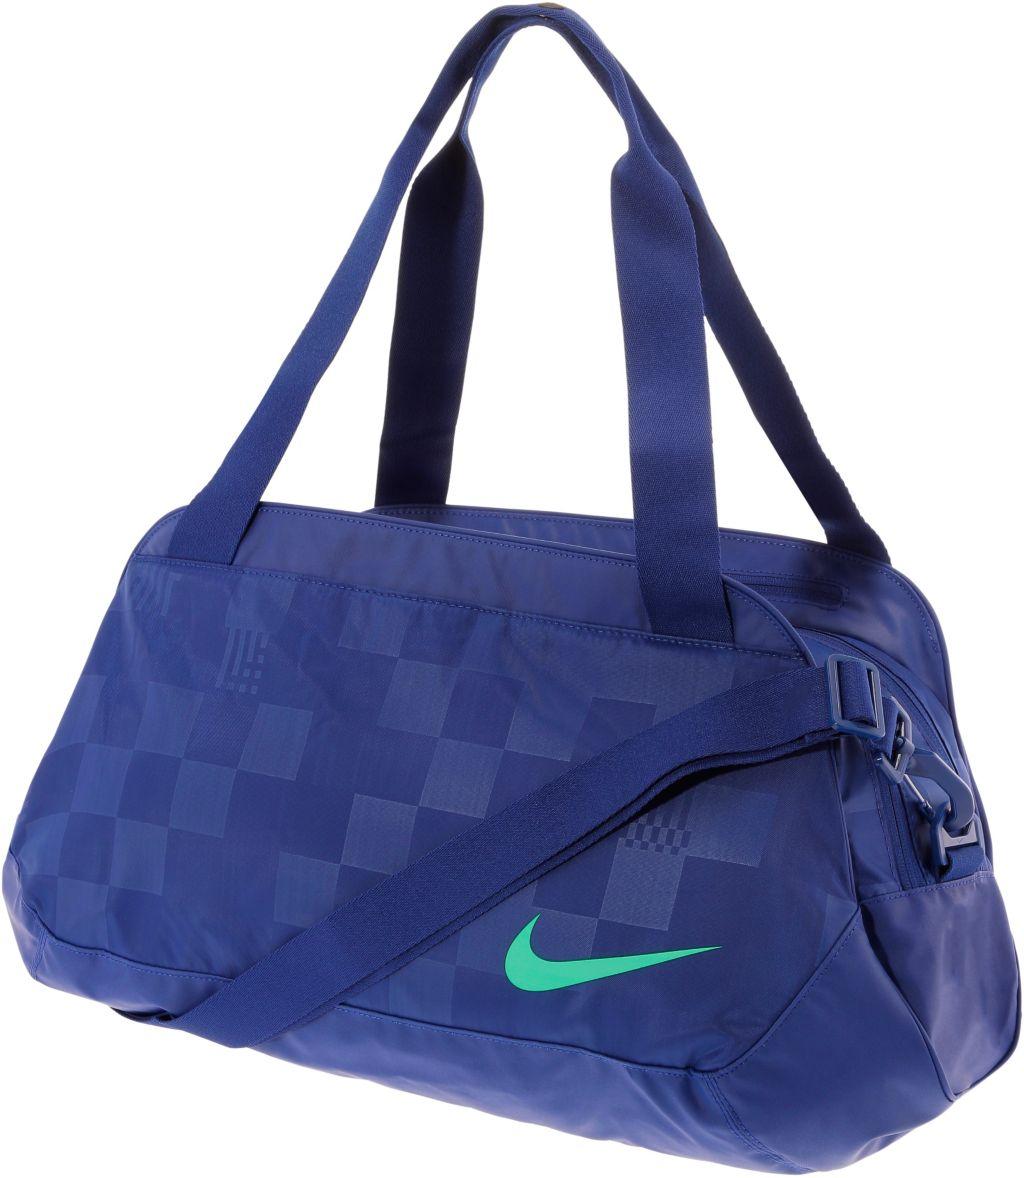 Sporttasche Damen in blau, Größe M